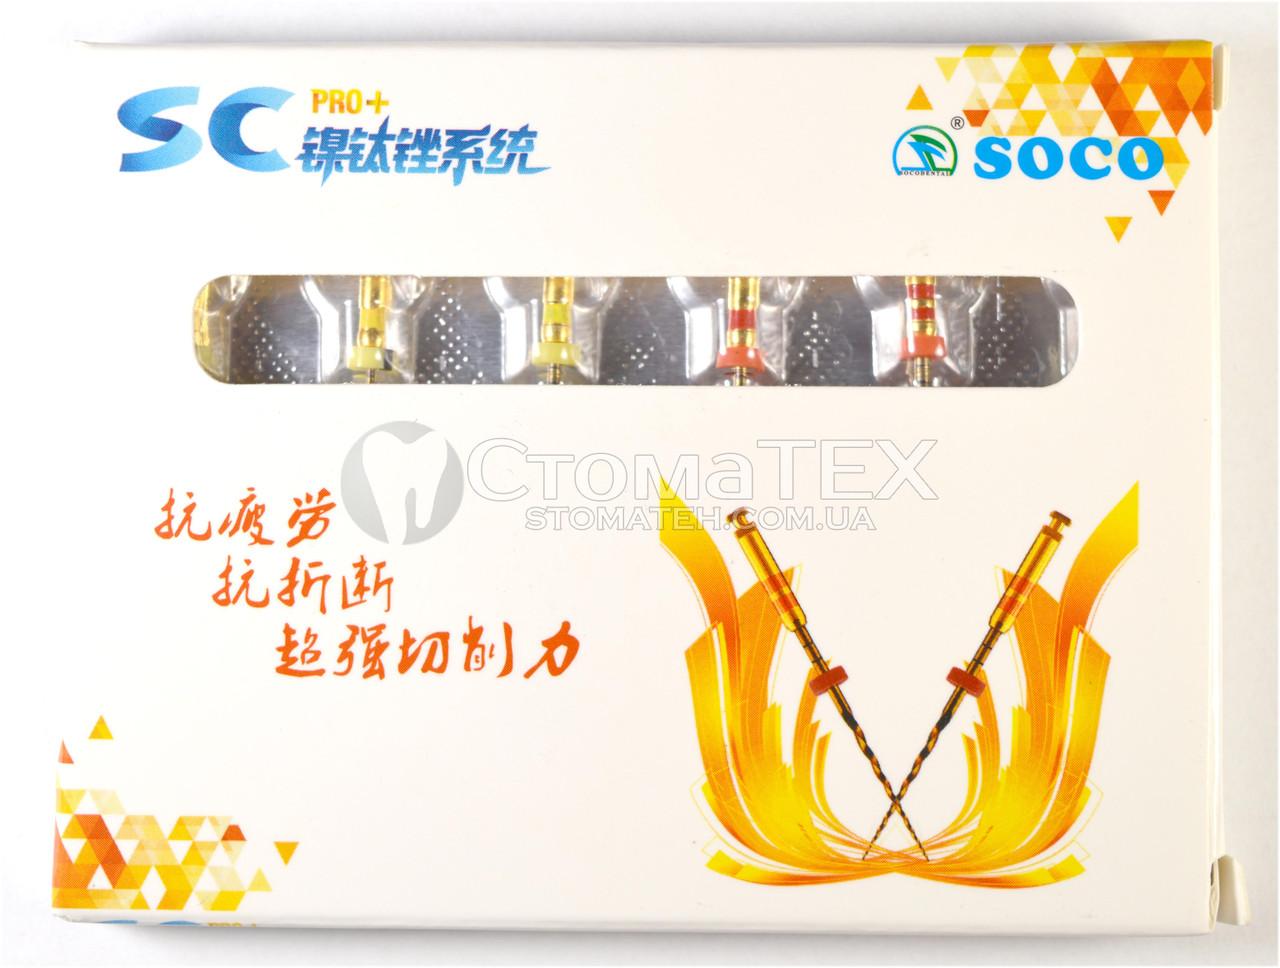 SC-Pro 25мм. 0219  6шт.